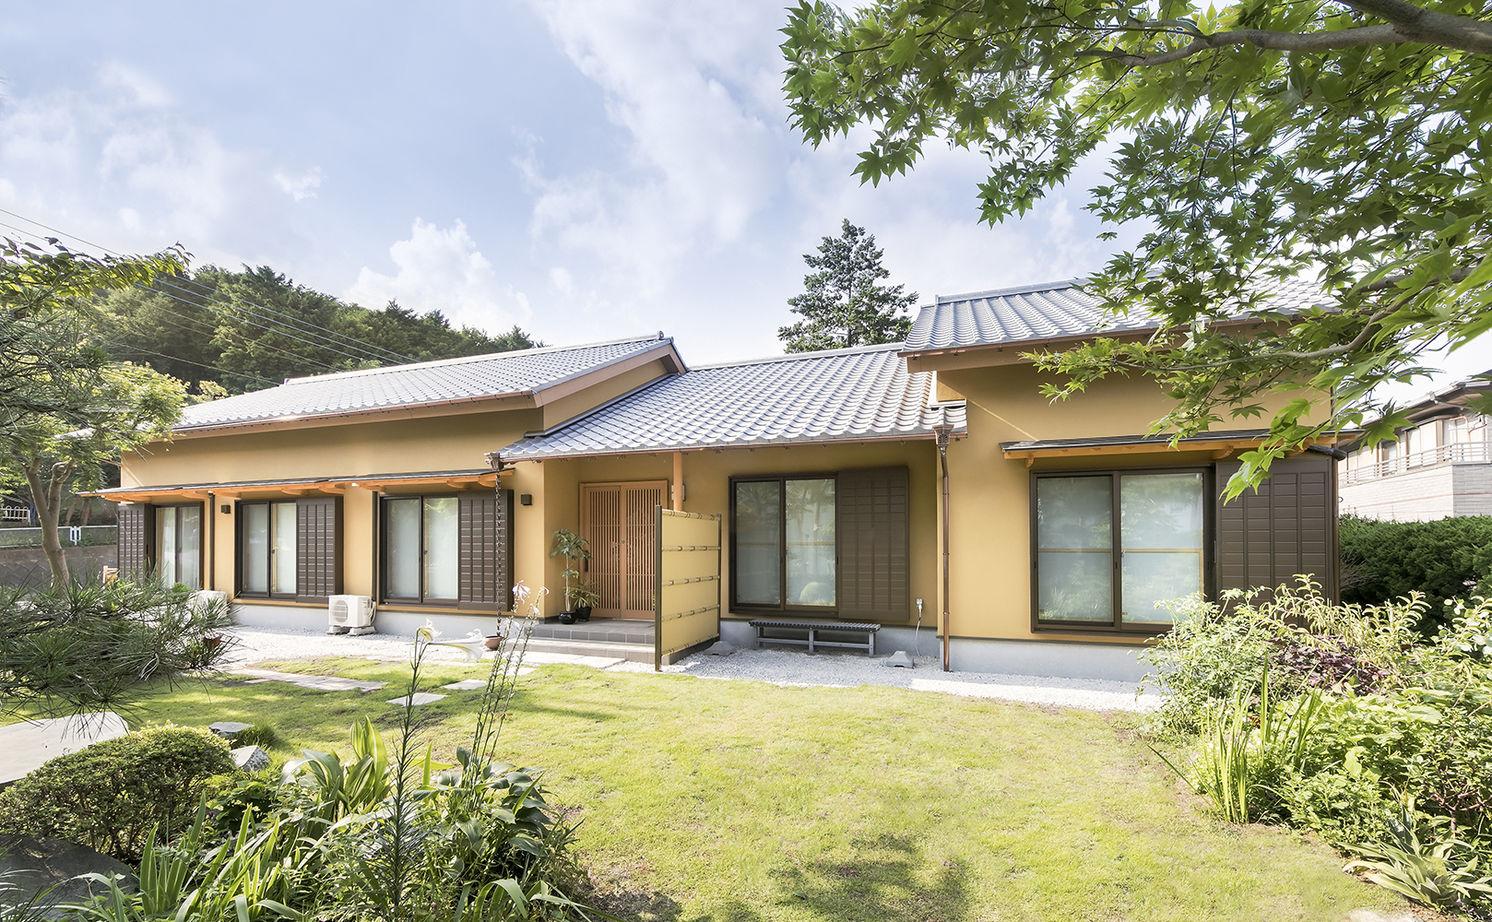 【純和風】【平屋】【二世帯住宅】檜が香る美しい純和風建築のフル装備住宅画像1